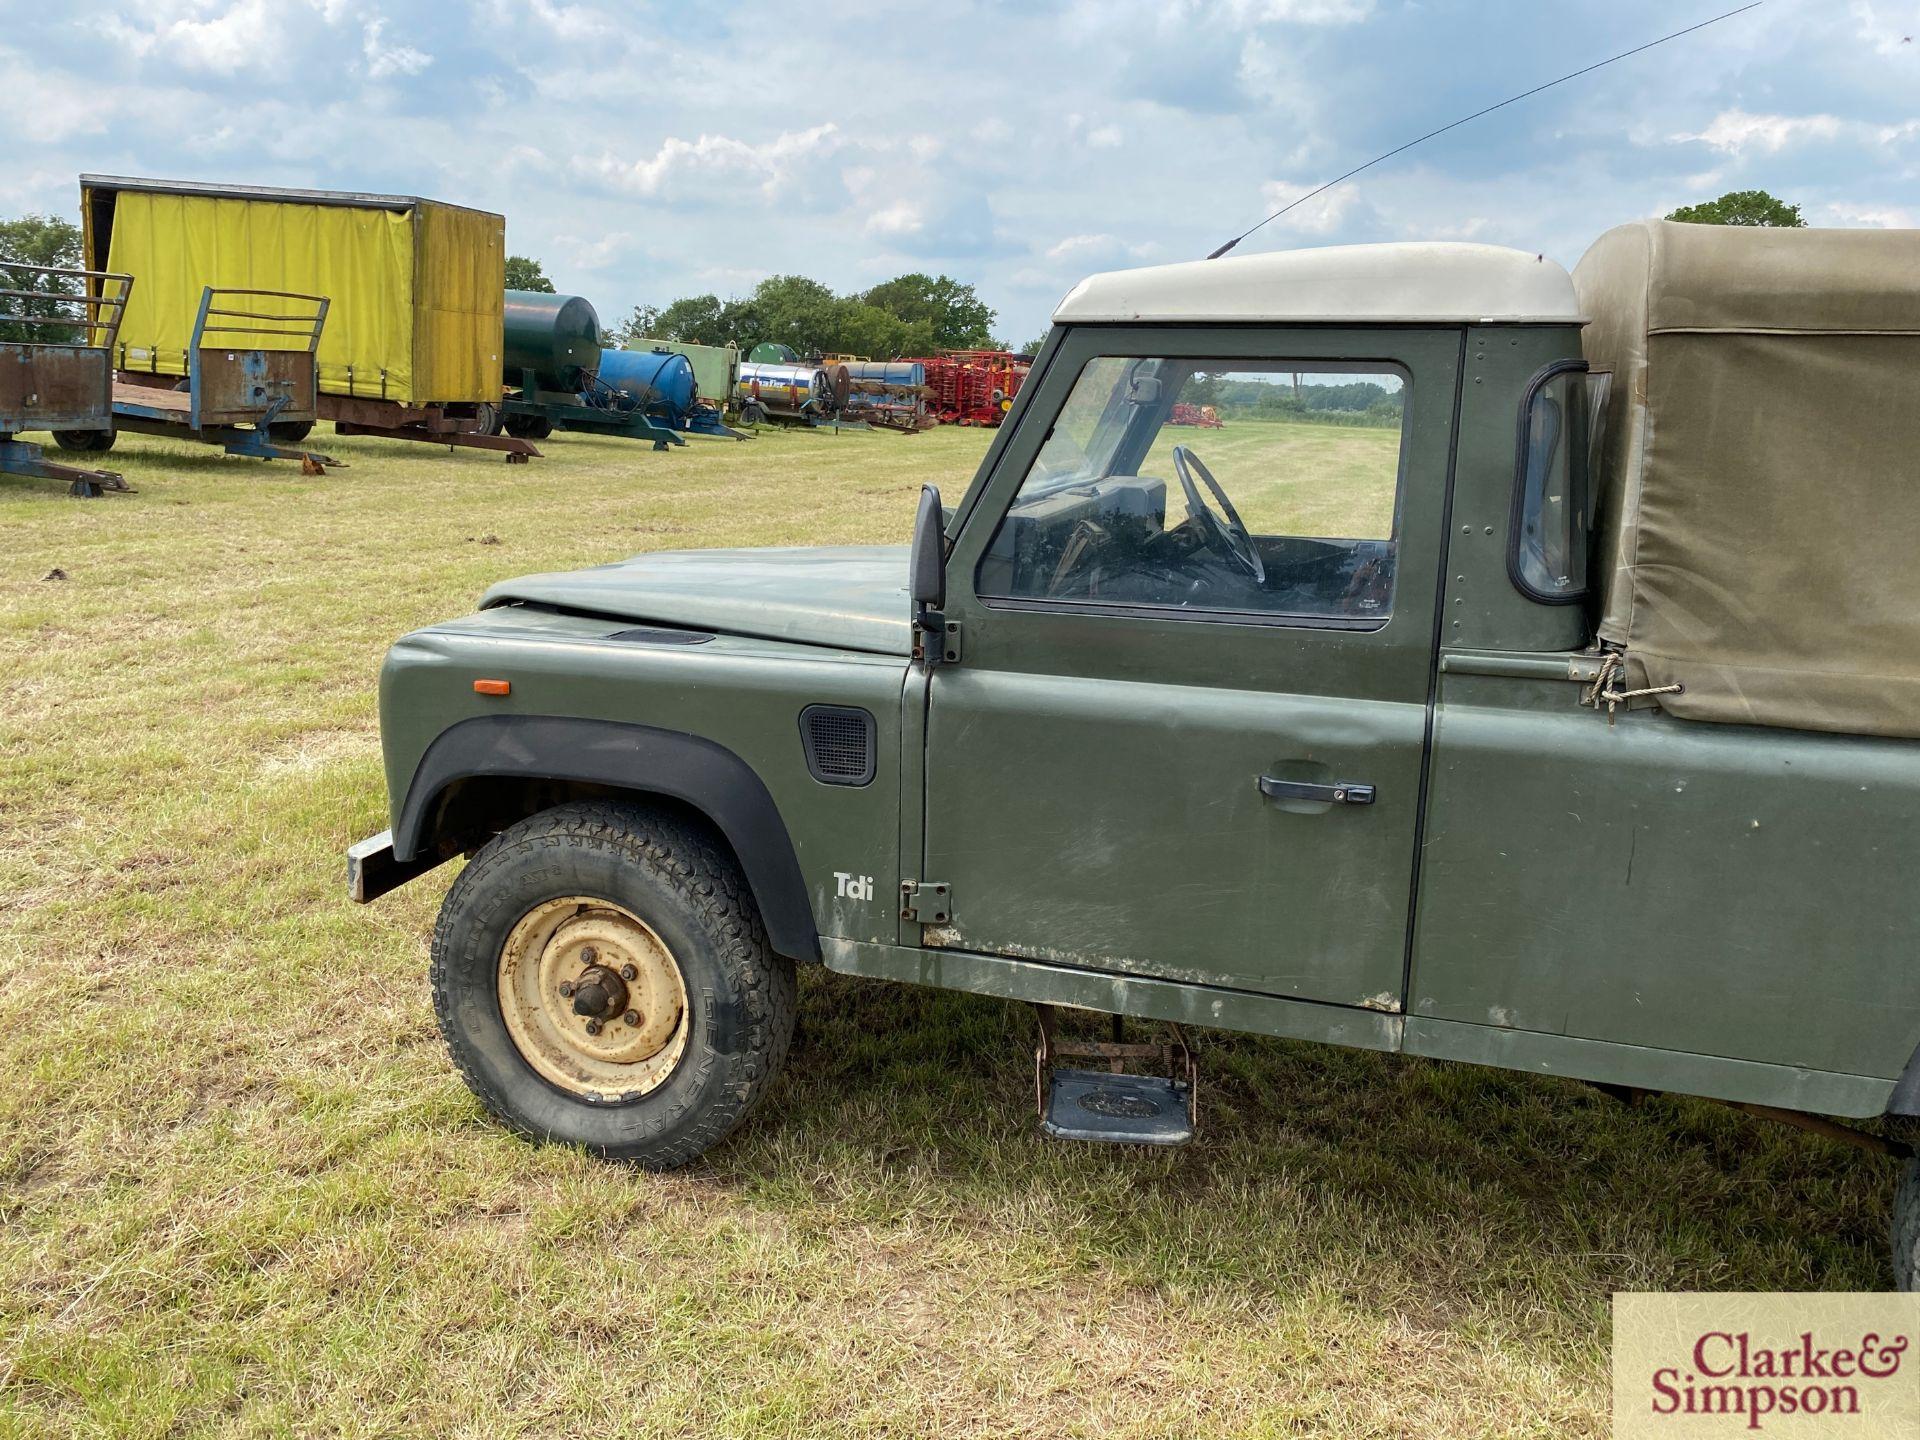 Land Rover Defender 110 single cab pick-up. Registration H317 OHK. Date of first registration 08/ - Image 9 of 56